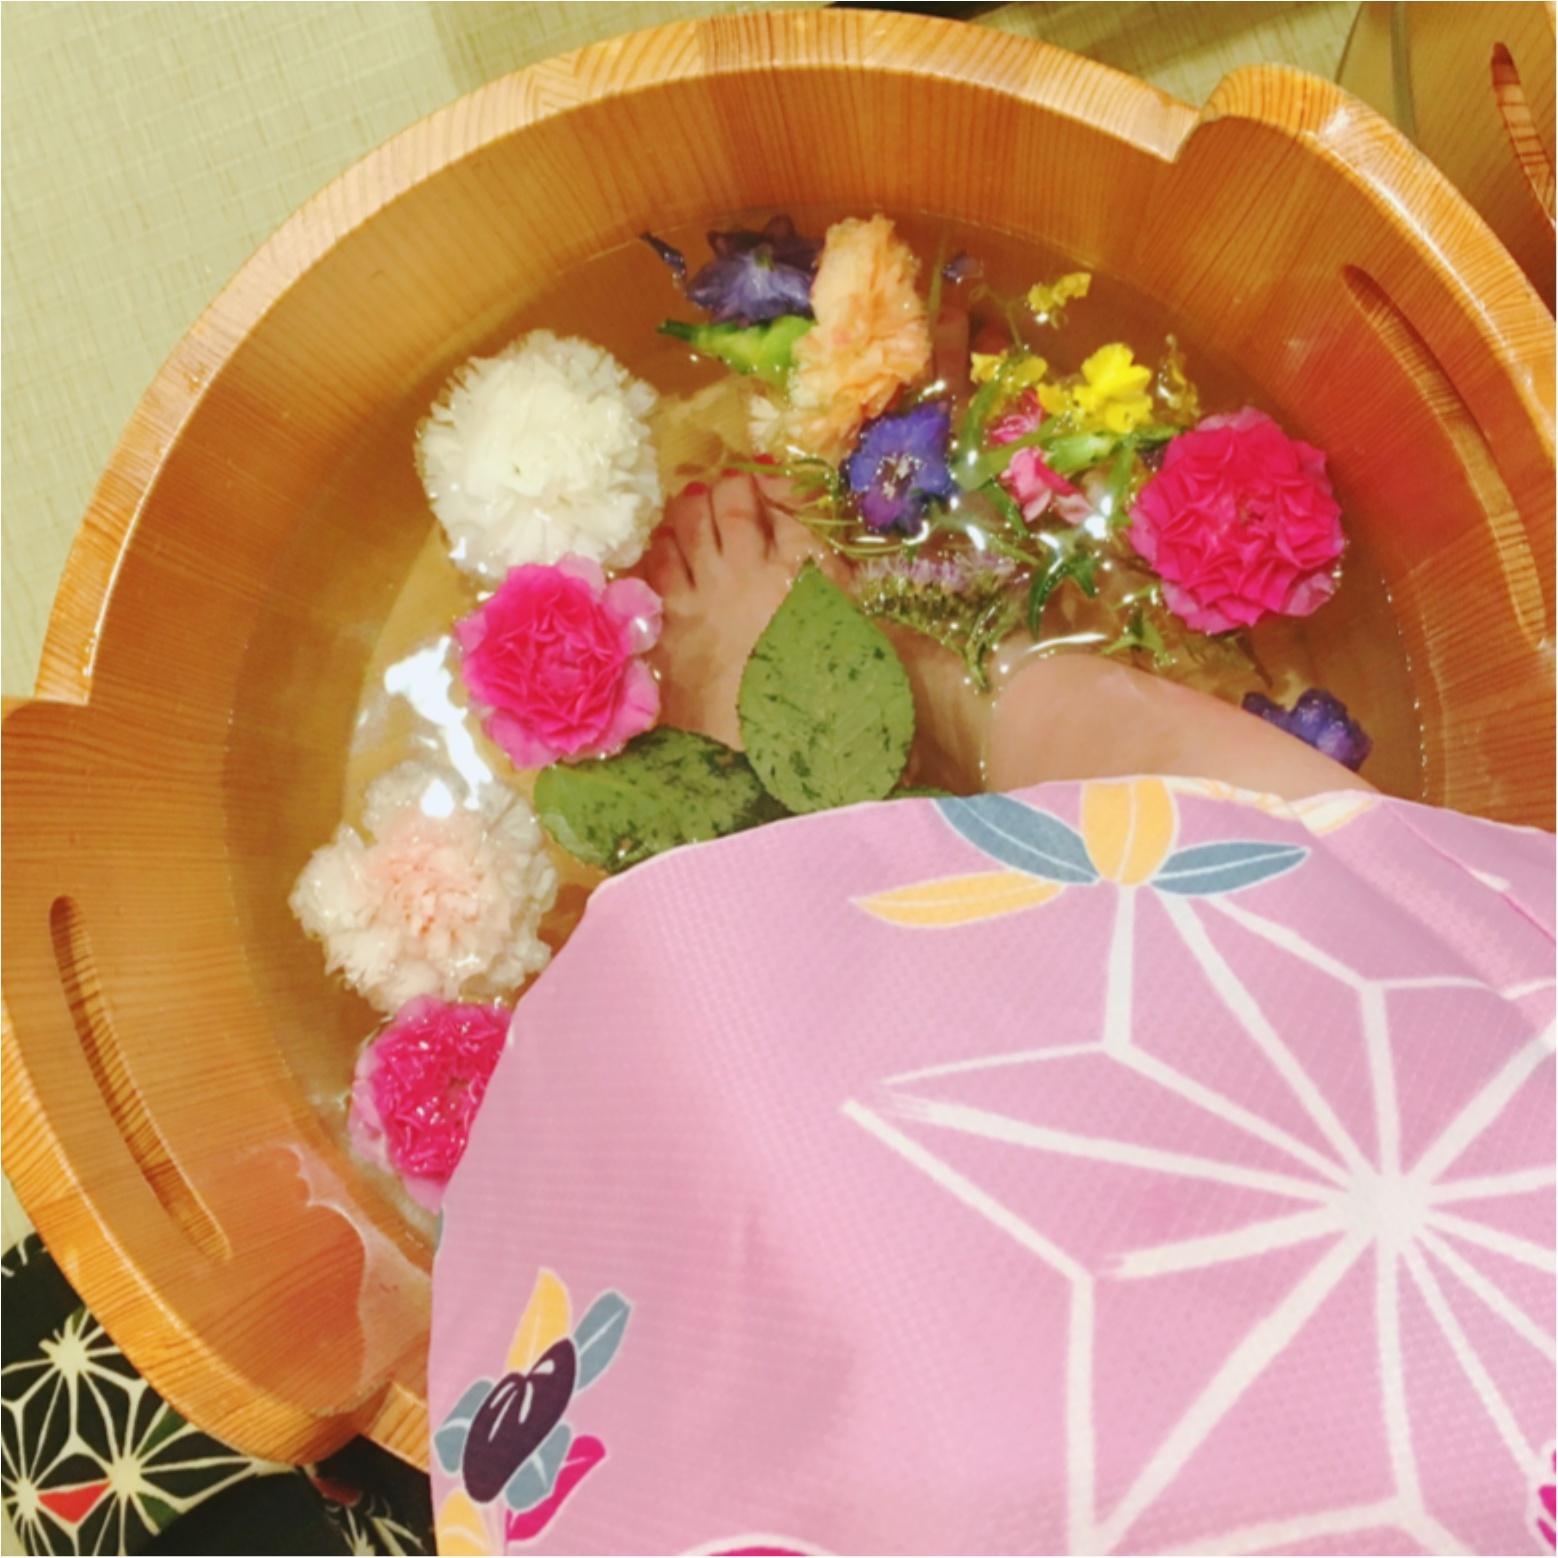 京都・嵐山のNEWスポット!カラフルでかわいい『お花の足湯』に癒されて_3